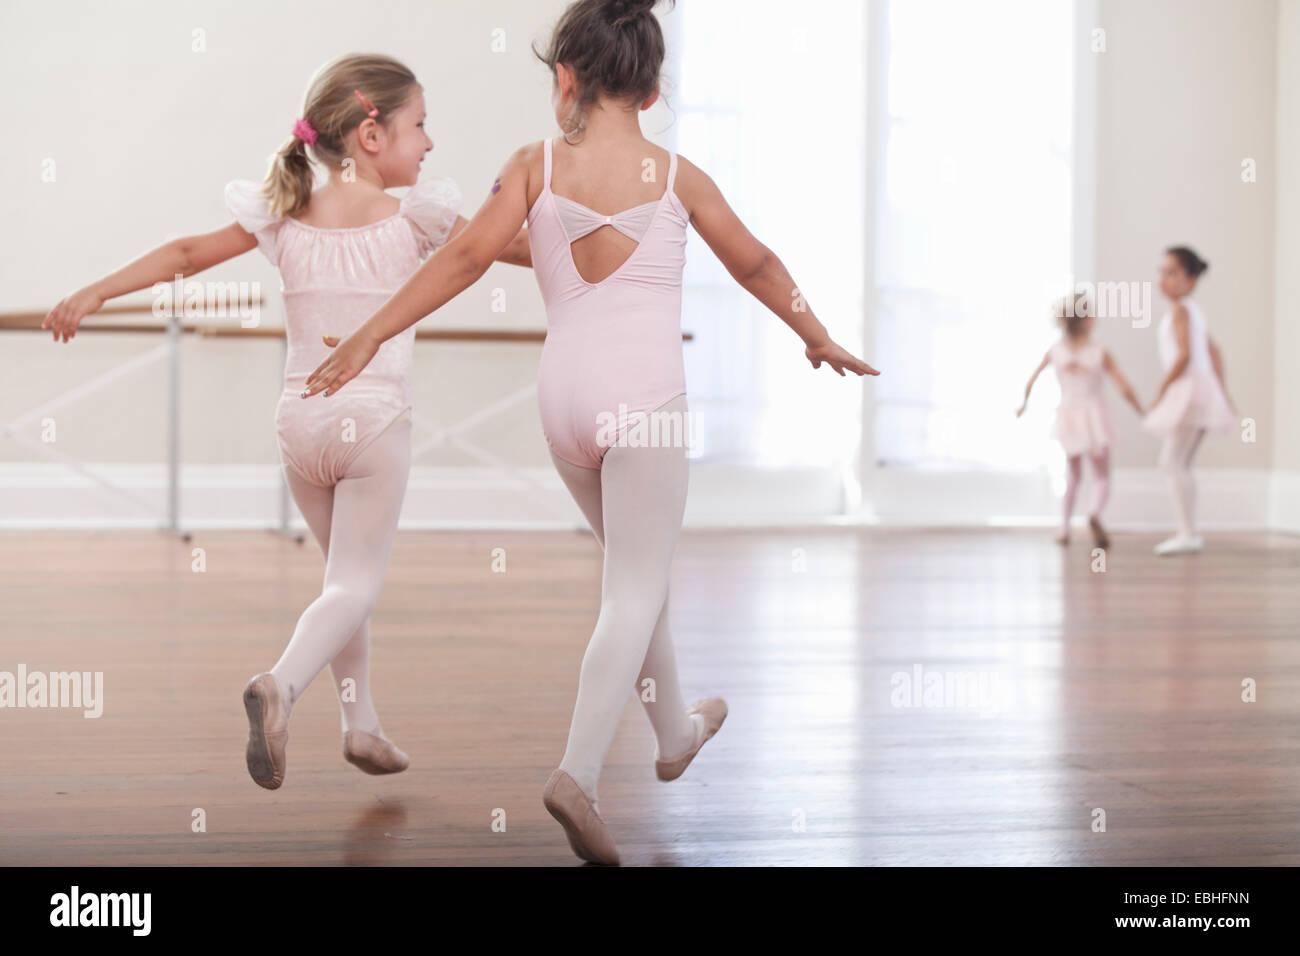 Rückansicht des Mädchen üben Sprung in der Ballettschule Stockbild